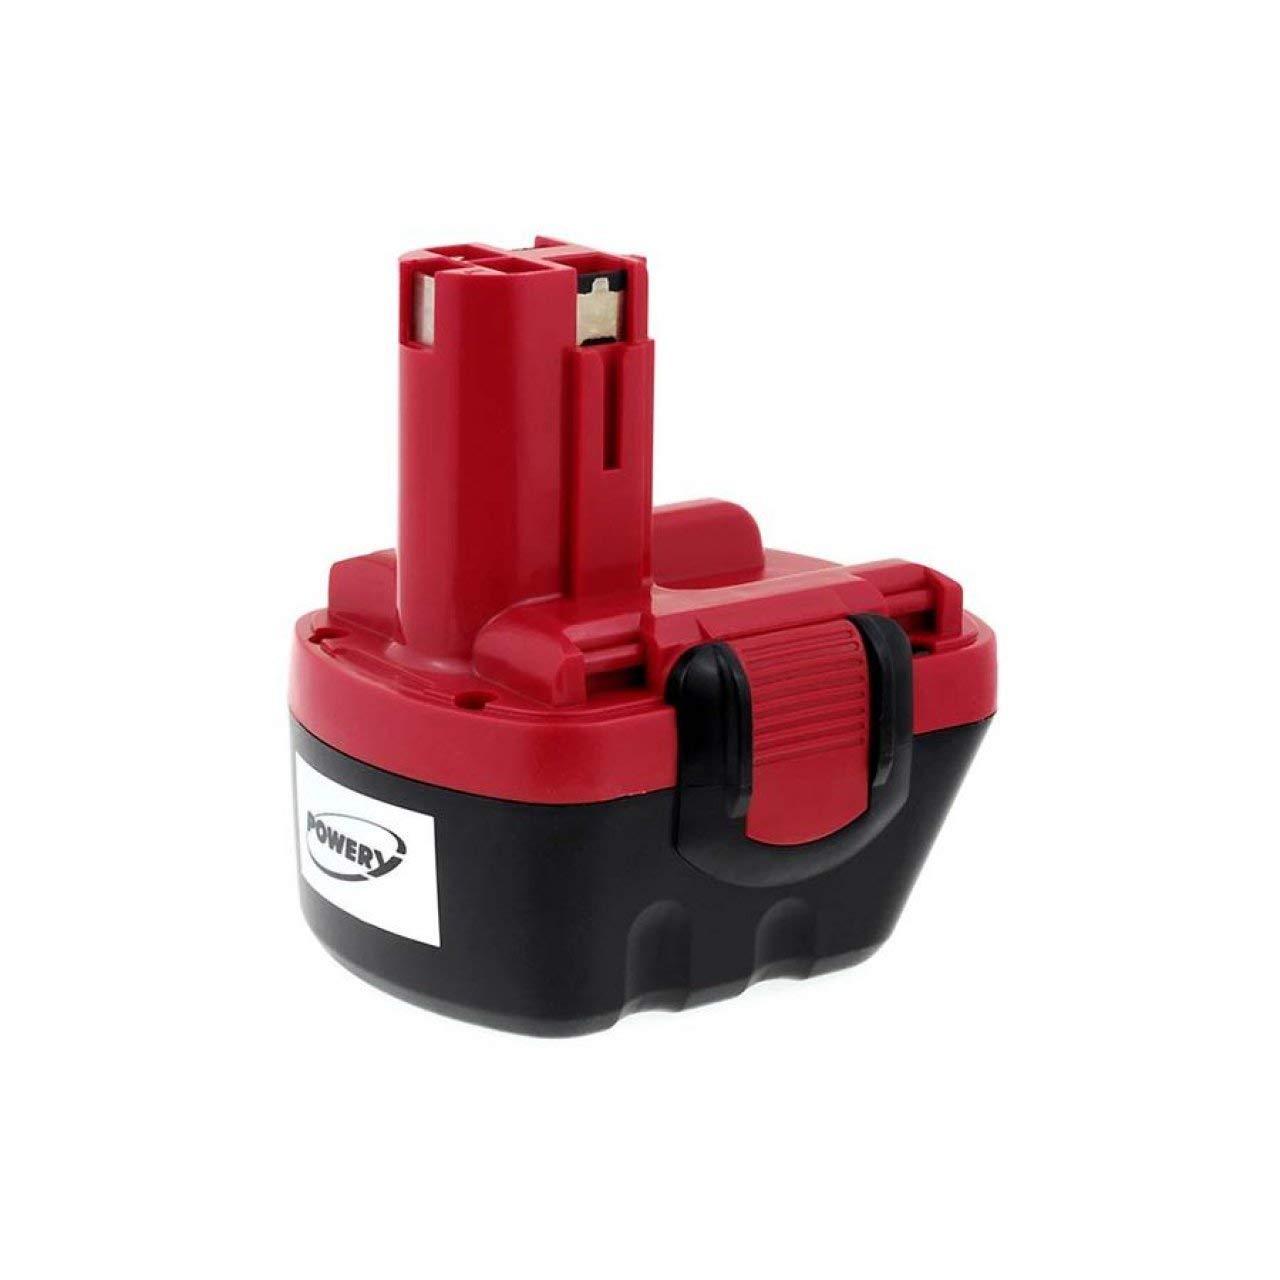 Bater/ía para Bosch Taladro PSR 1200 NiMH O-Pack 1500mAh